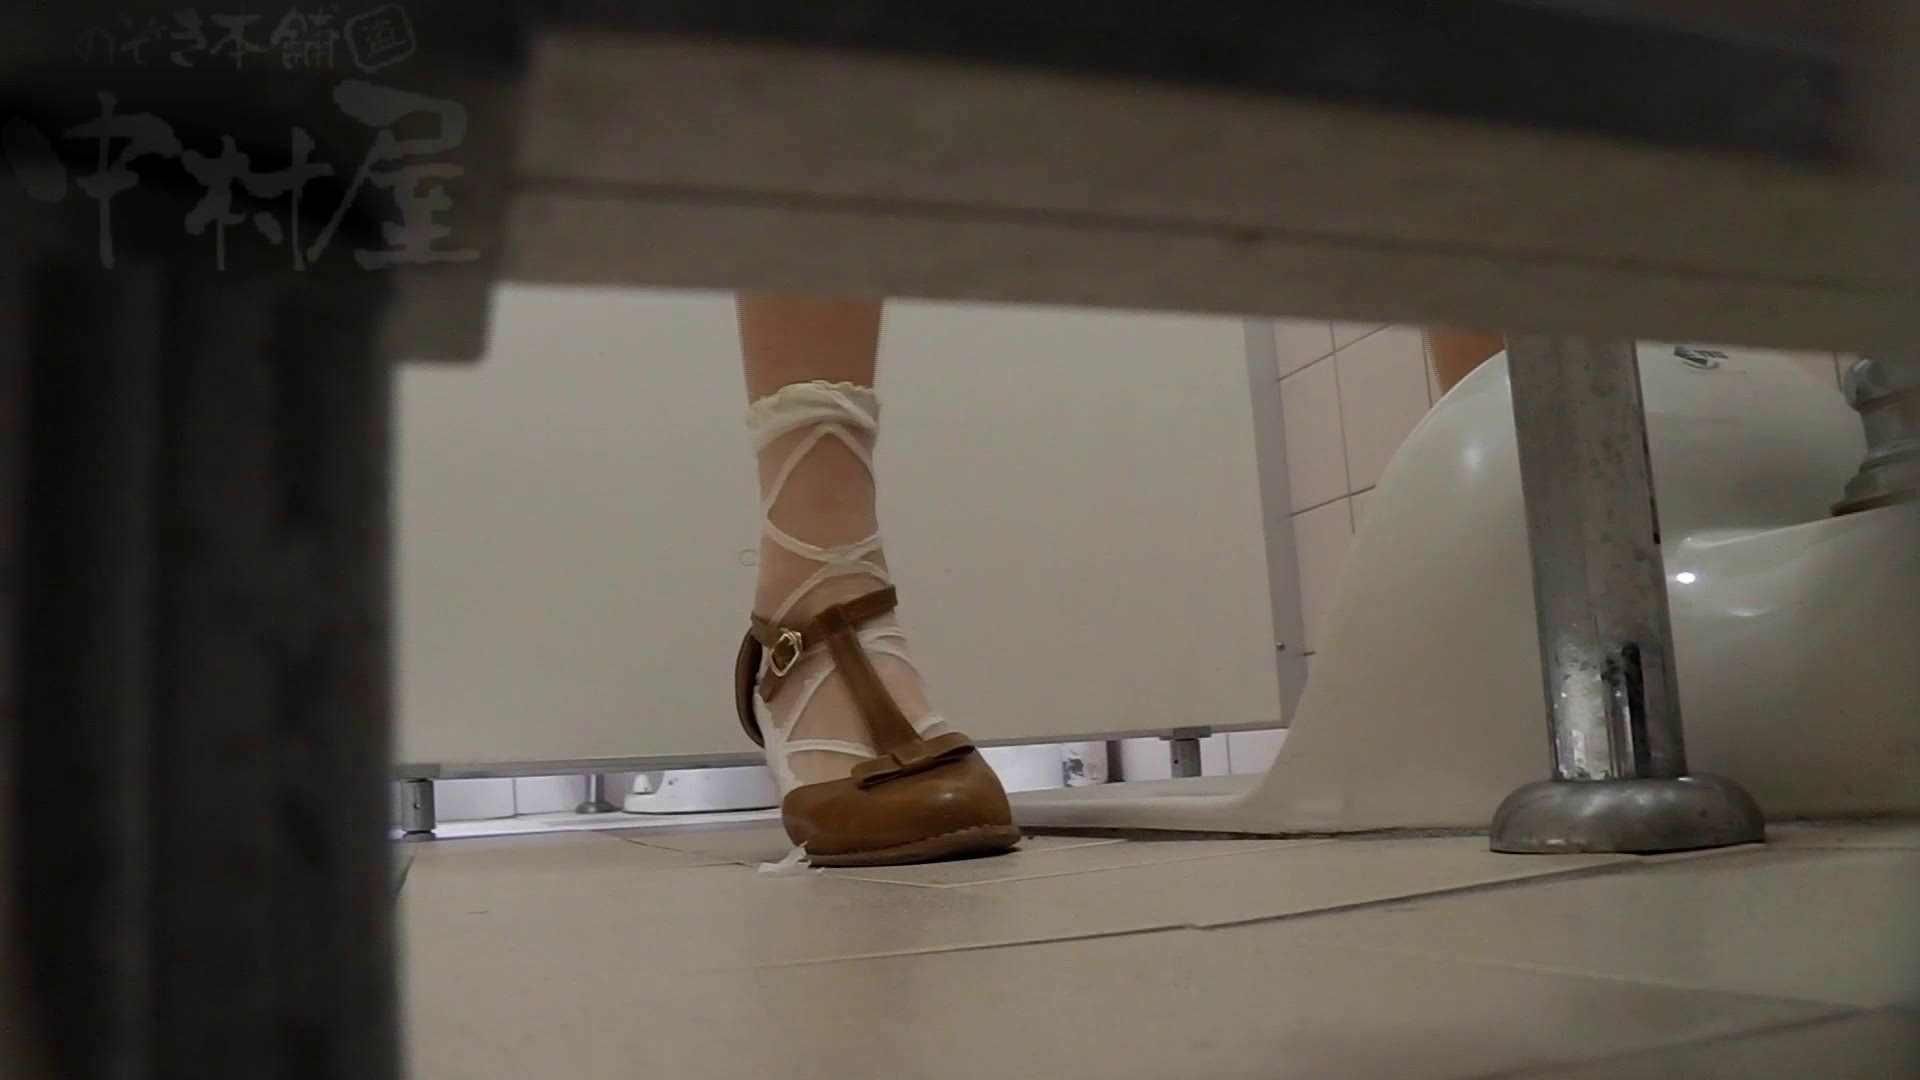 美しい日本の未来 No.29 豹柄サンダルはイ更●気味??? 盗撮師作品 エロ無料画像 70pic 11